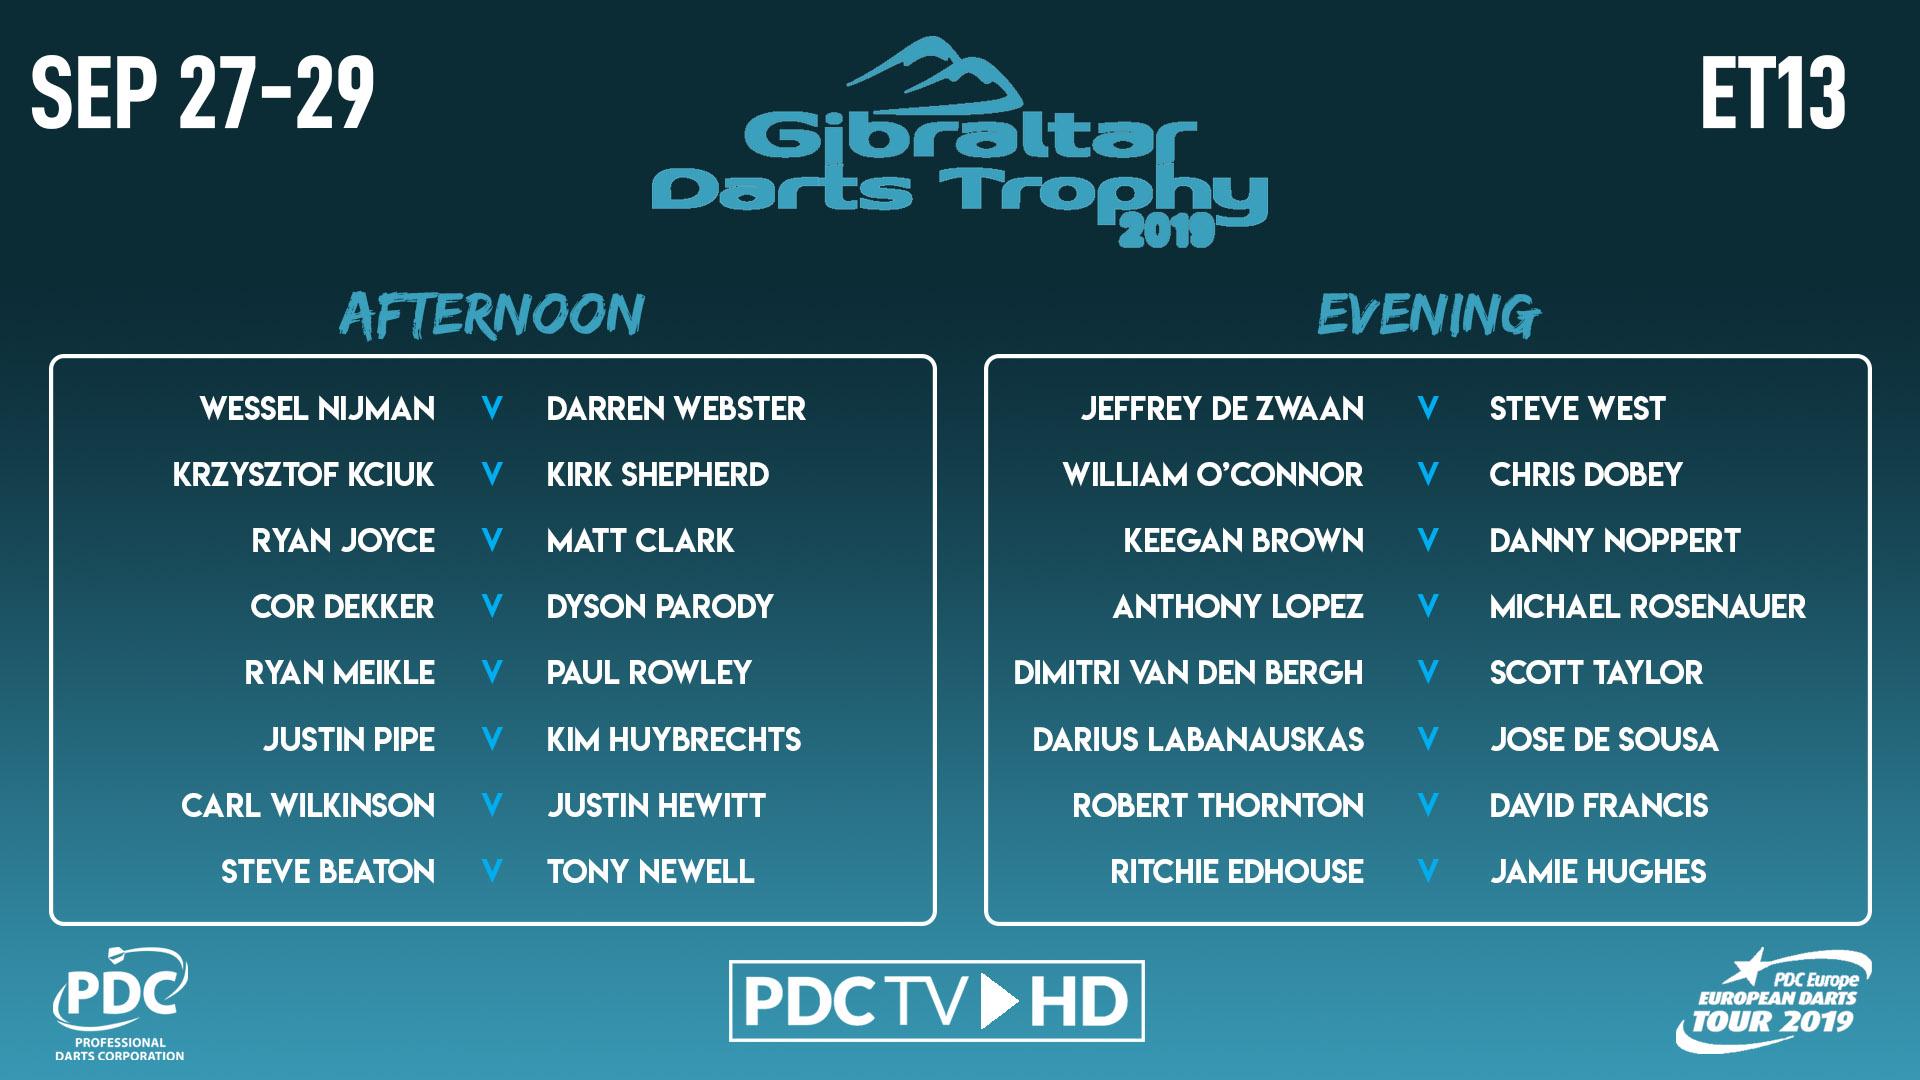 Gibraltar Darts Trophy (PDC)